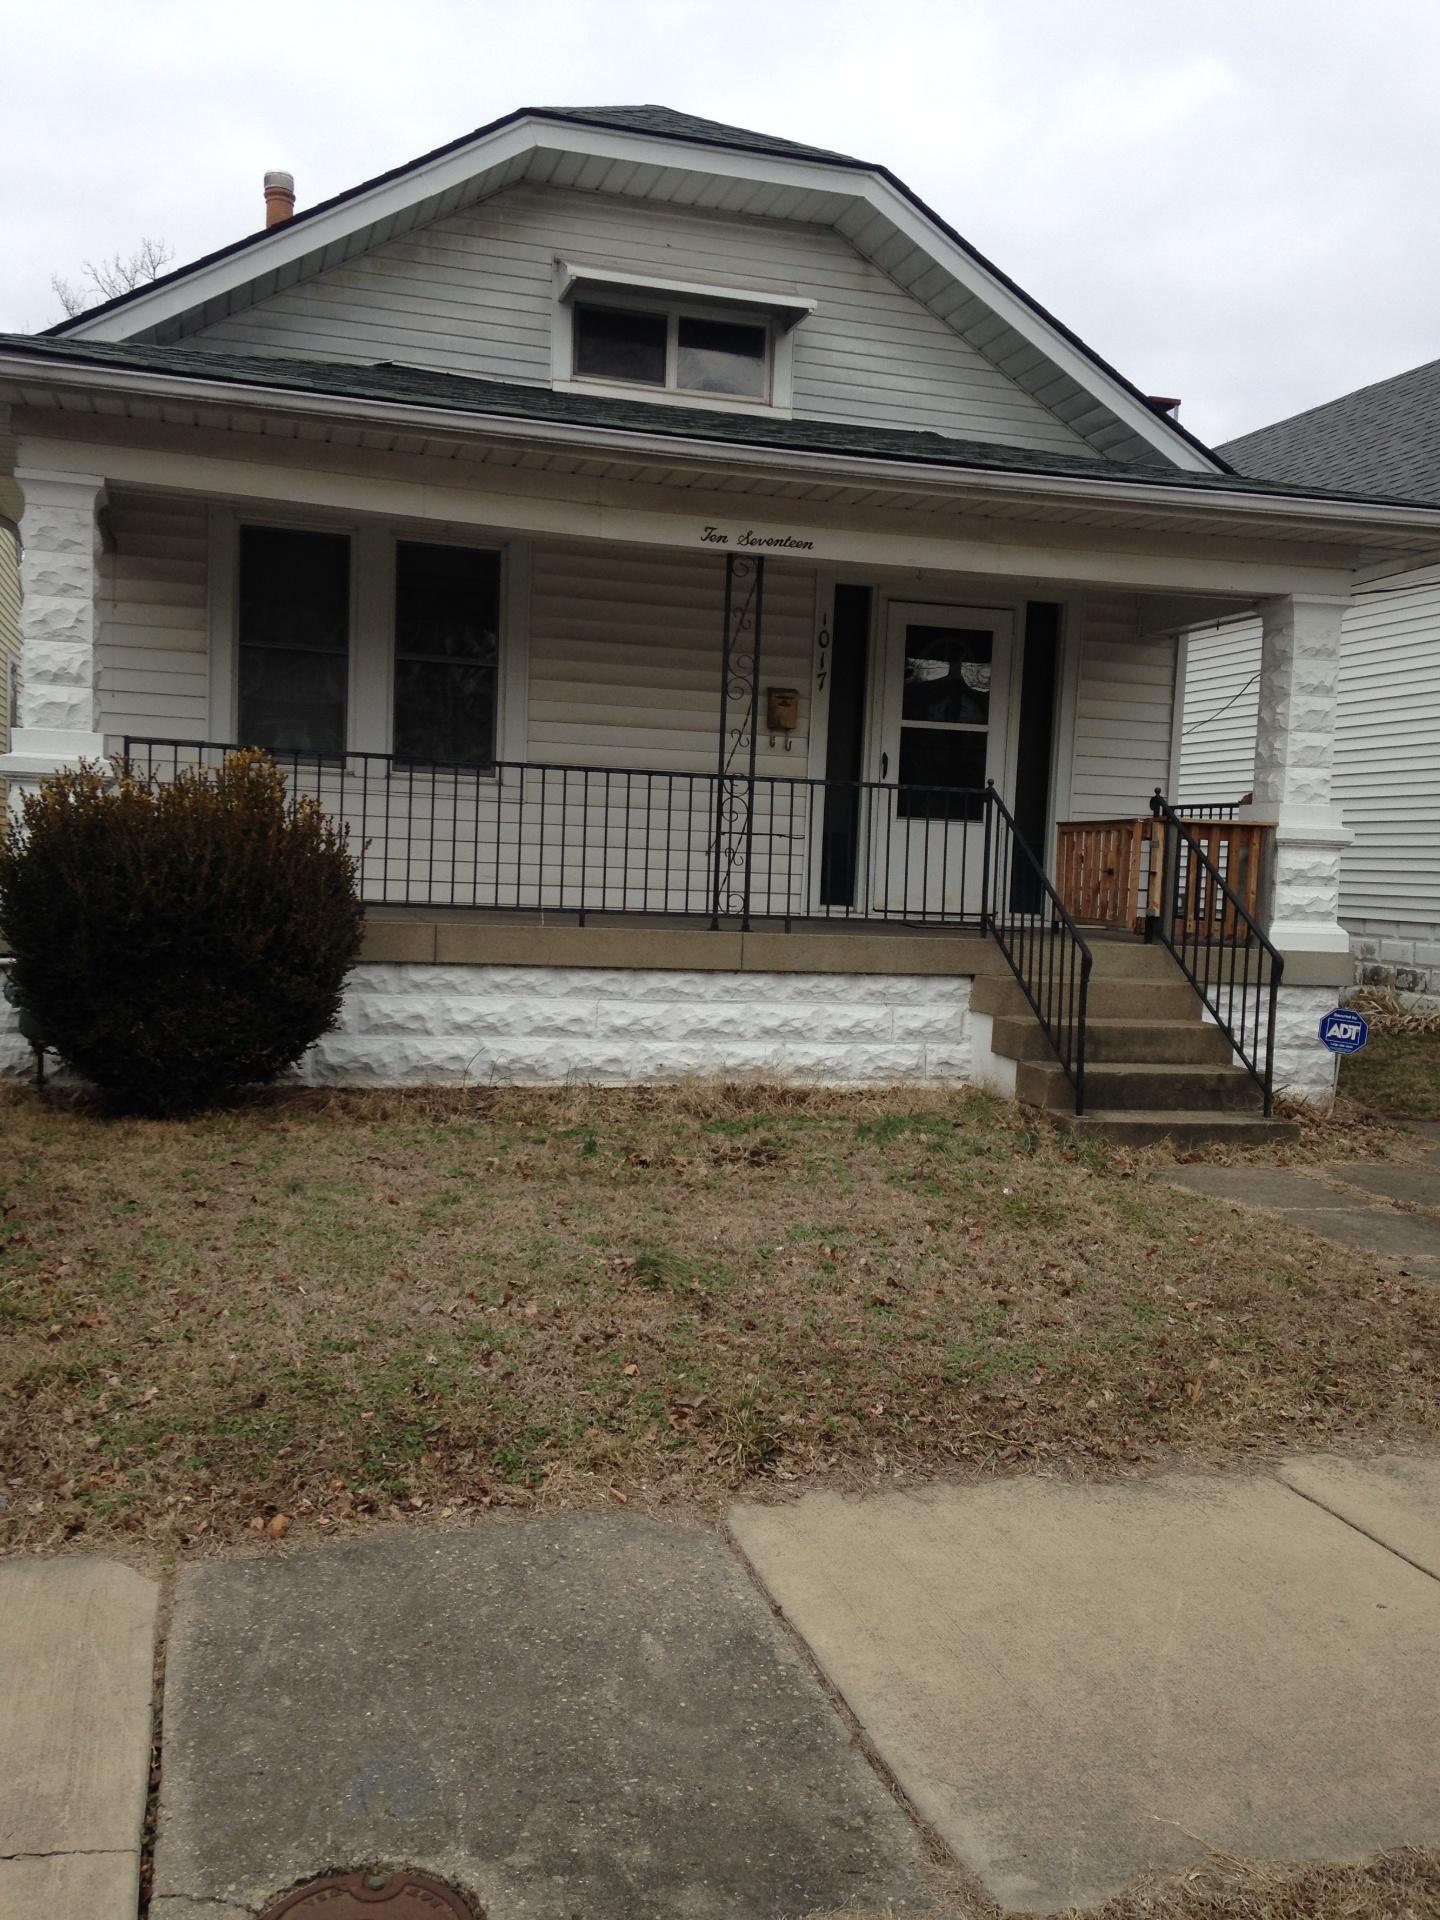 1017 E. Kentucky Street - potential